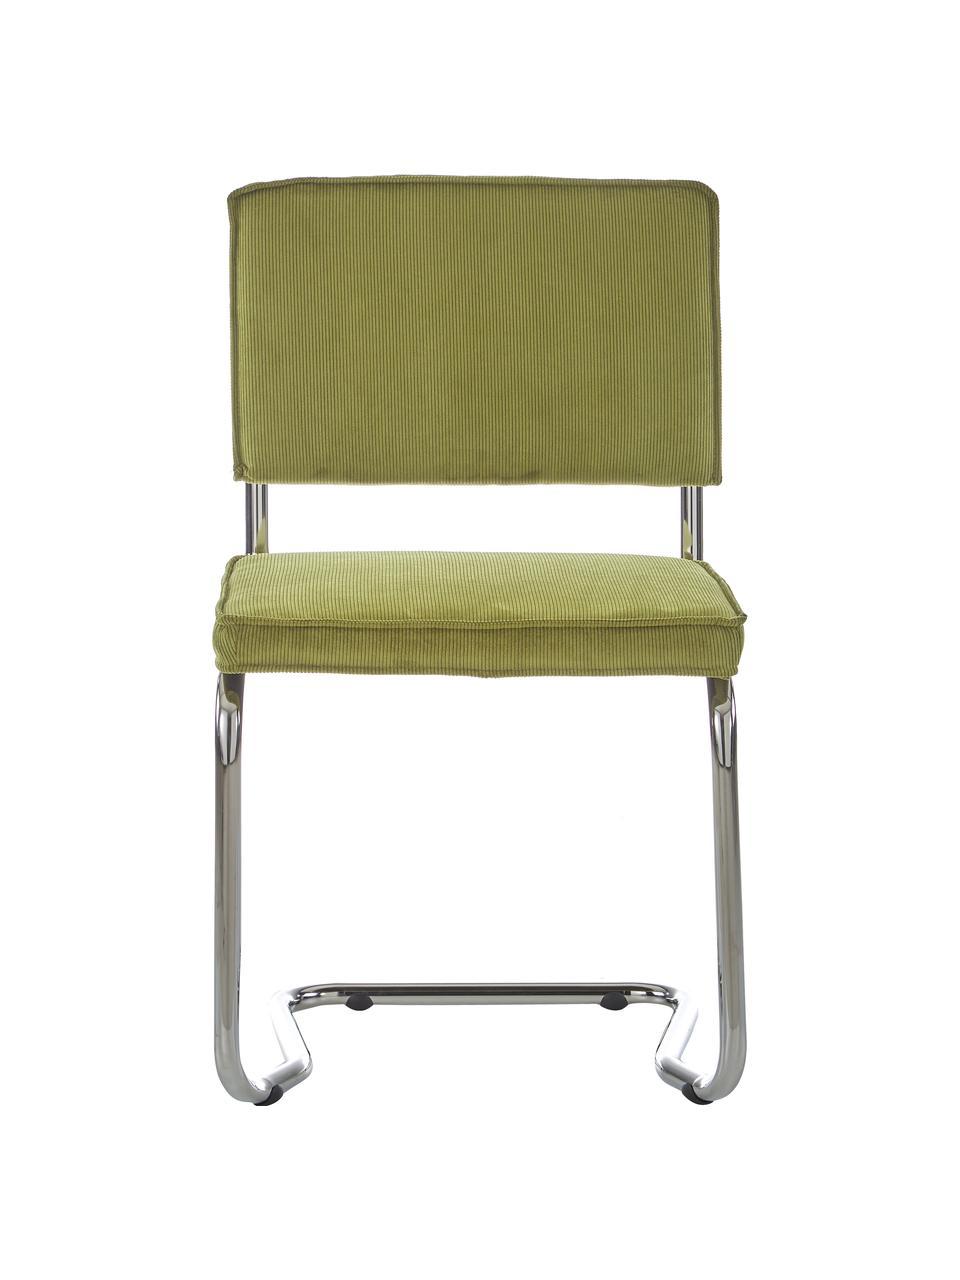 Krzesło podporowe ze sztruksu aksamitnego  Ridge Kink Chair, Tapicerka: aksamitny sztruks (88% ny, Nogi: tworzywo sztuczne, Zielony, S 48 x G 48 cm